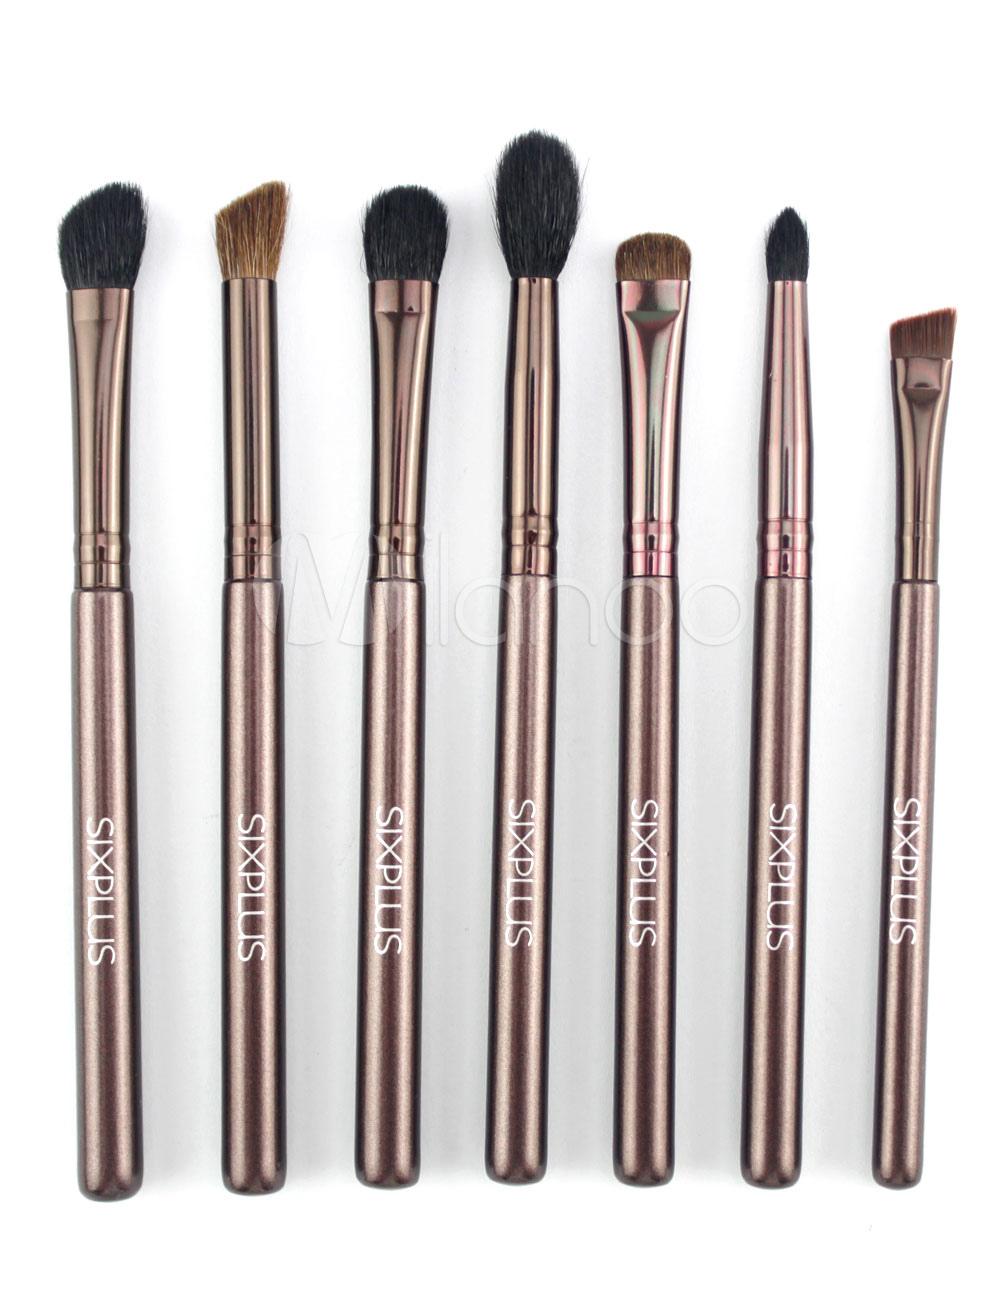 Horsehair Brush Set Dark Brown Wood Rod Eye Brush Set In 7 Pieces